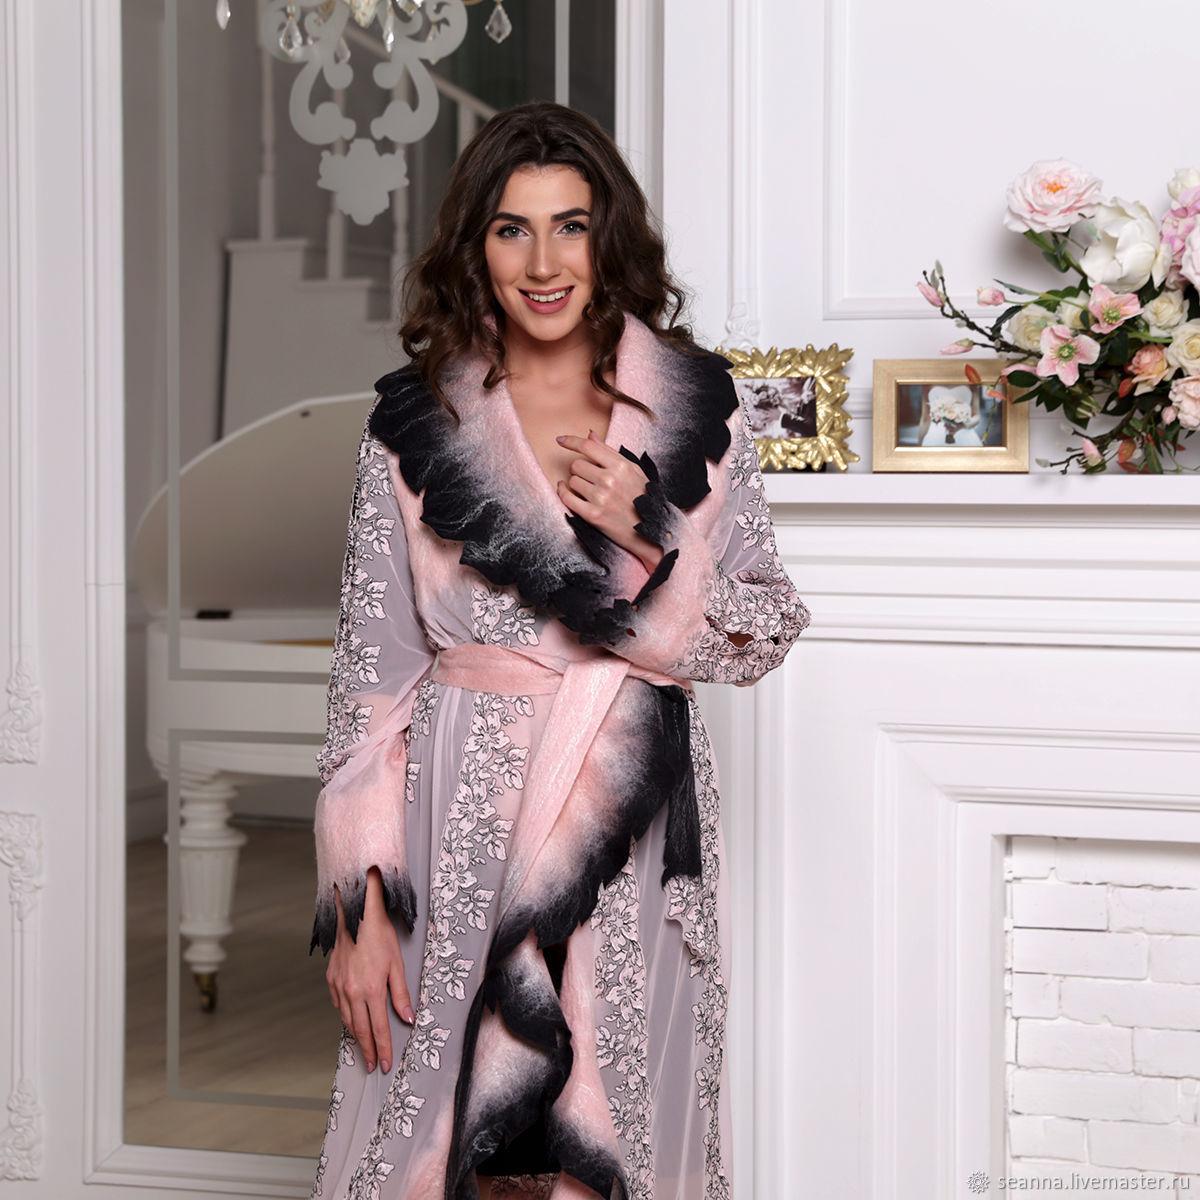 """Верхняя одежда ручной работы. Ярмарка Мастеров - ручная работа. Купить Роскошное пальто-накидка """"Розовые грезы"""" ручной работы. Handmade."""